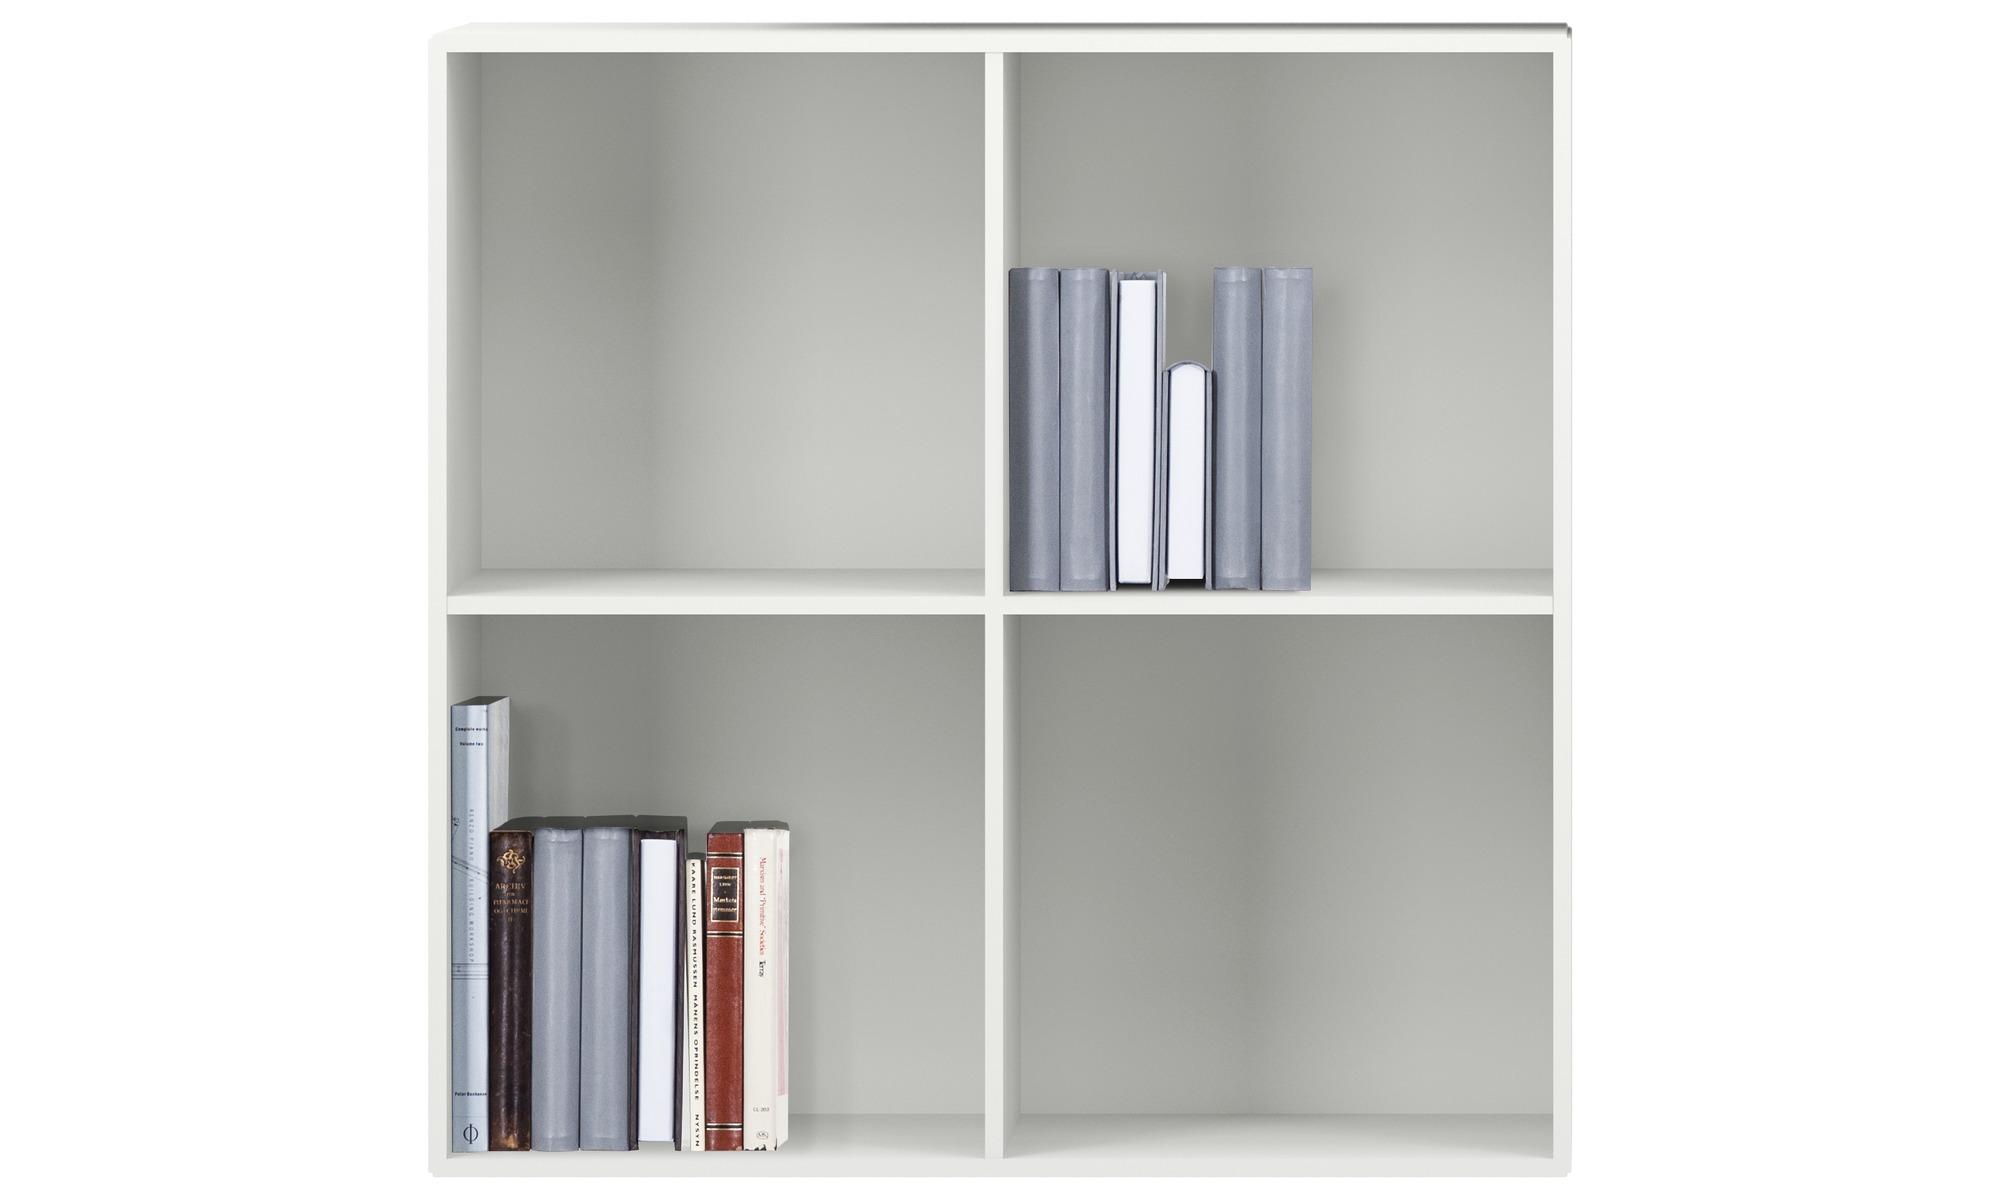 Bücherregal weiß wand  Regale und Bücherschränke - Como Regal - BoConcept